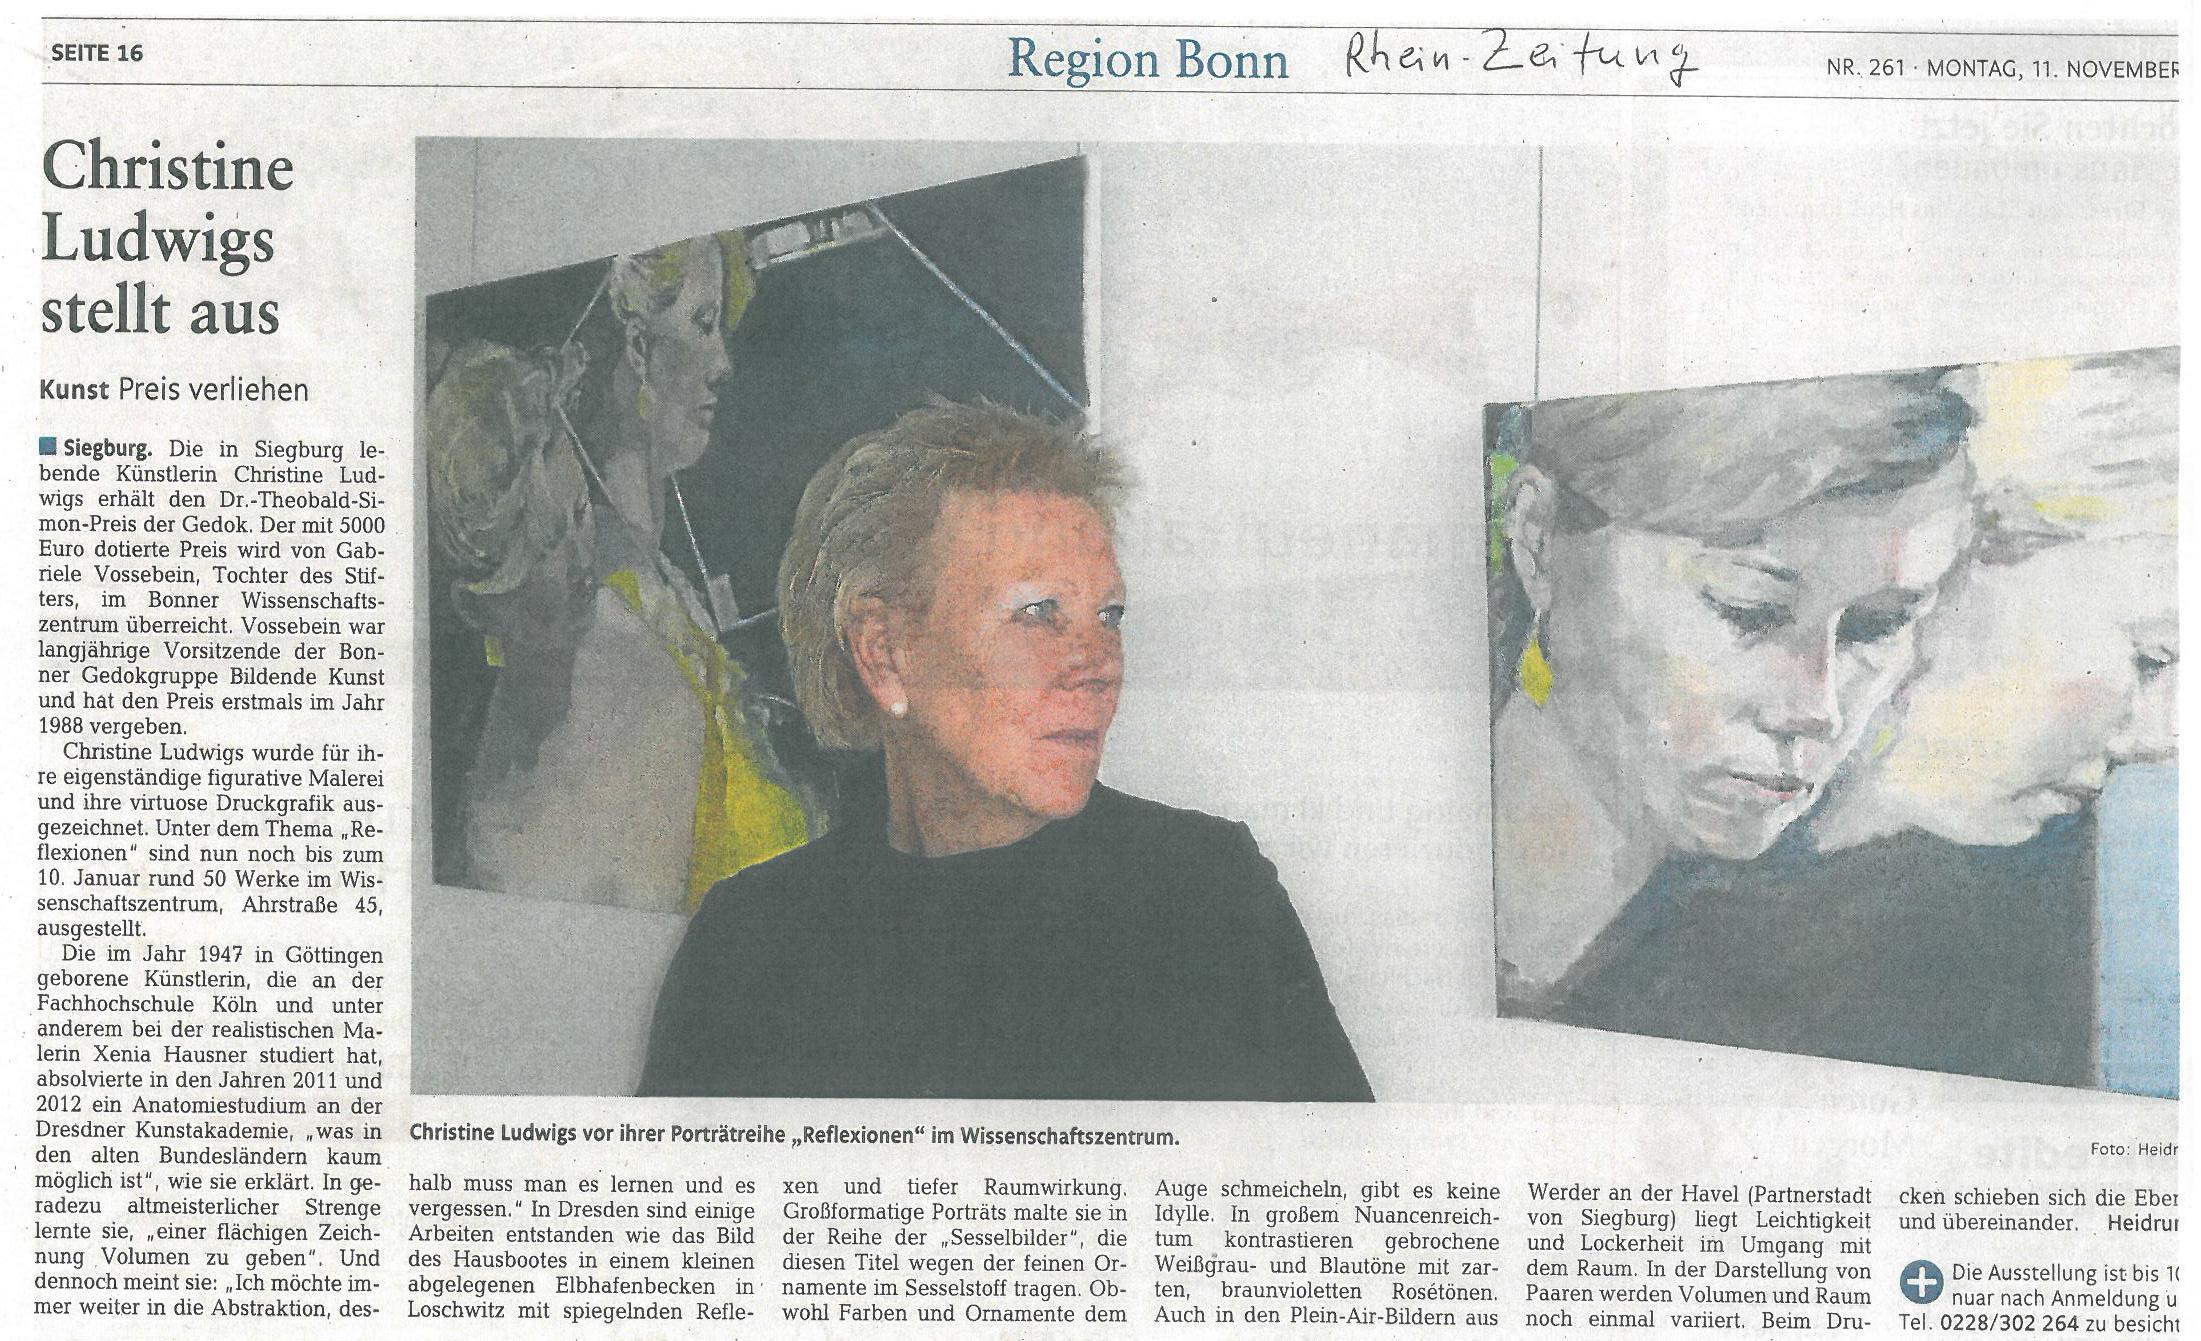 Rhein Zeitung vom 11 November 2013